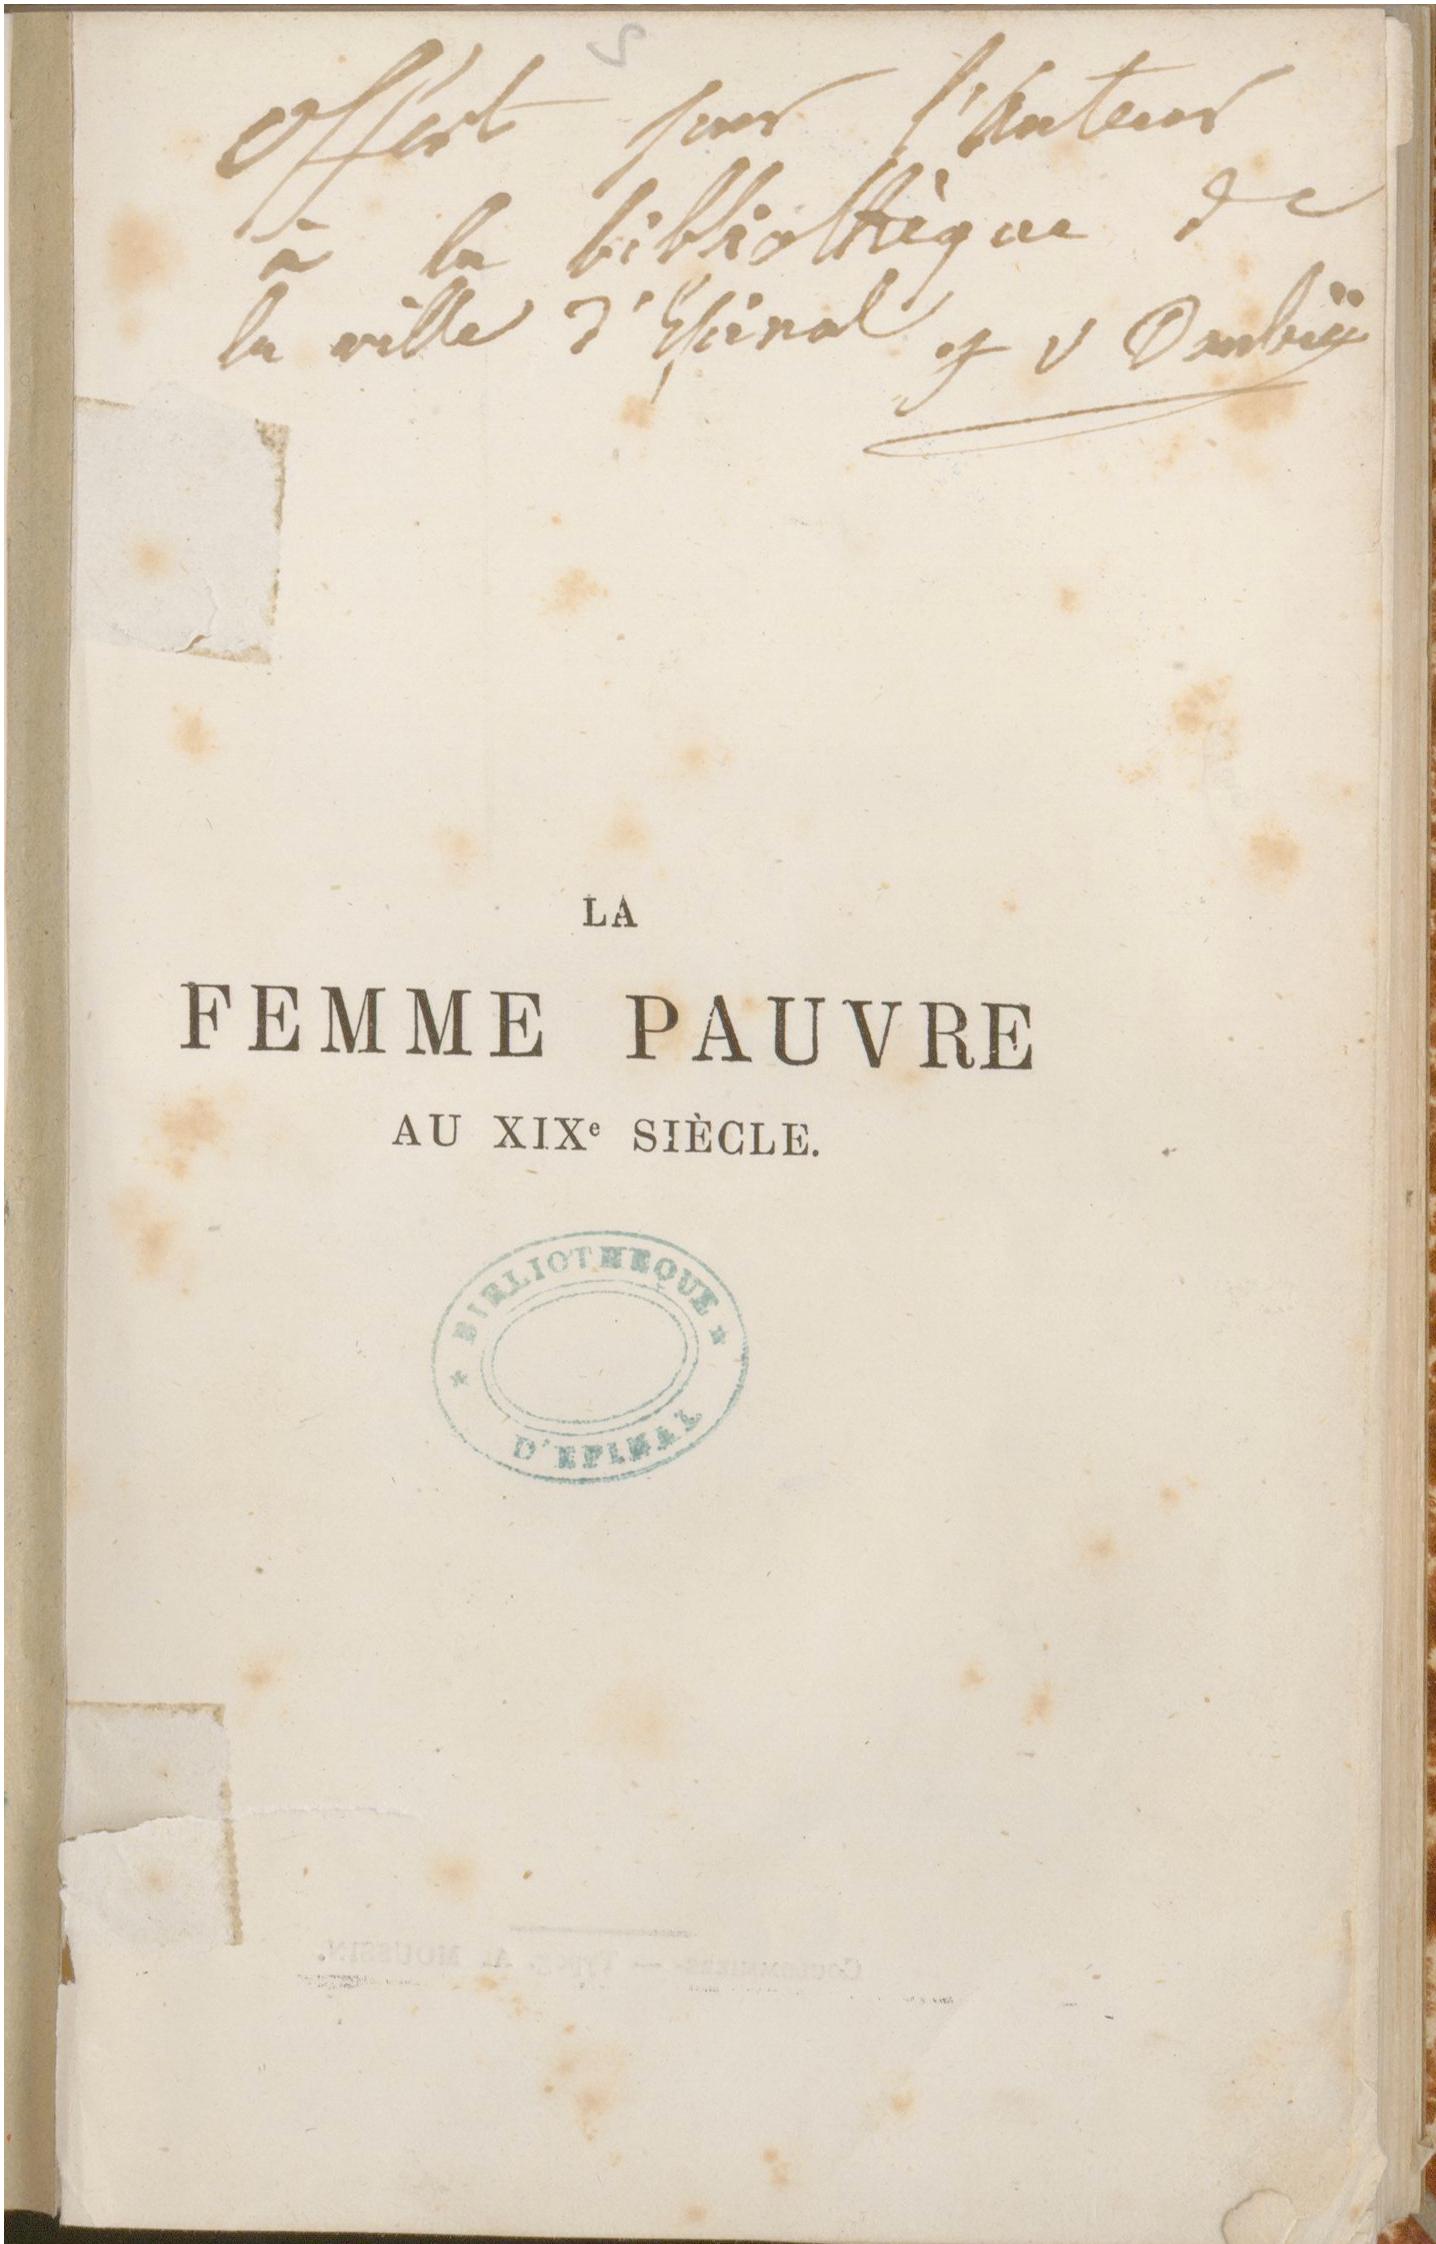 Contenu du Page de titre de La Femme pauvre au XIXe siècle de Julie-Victoire Daubié